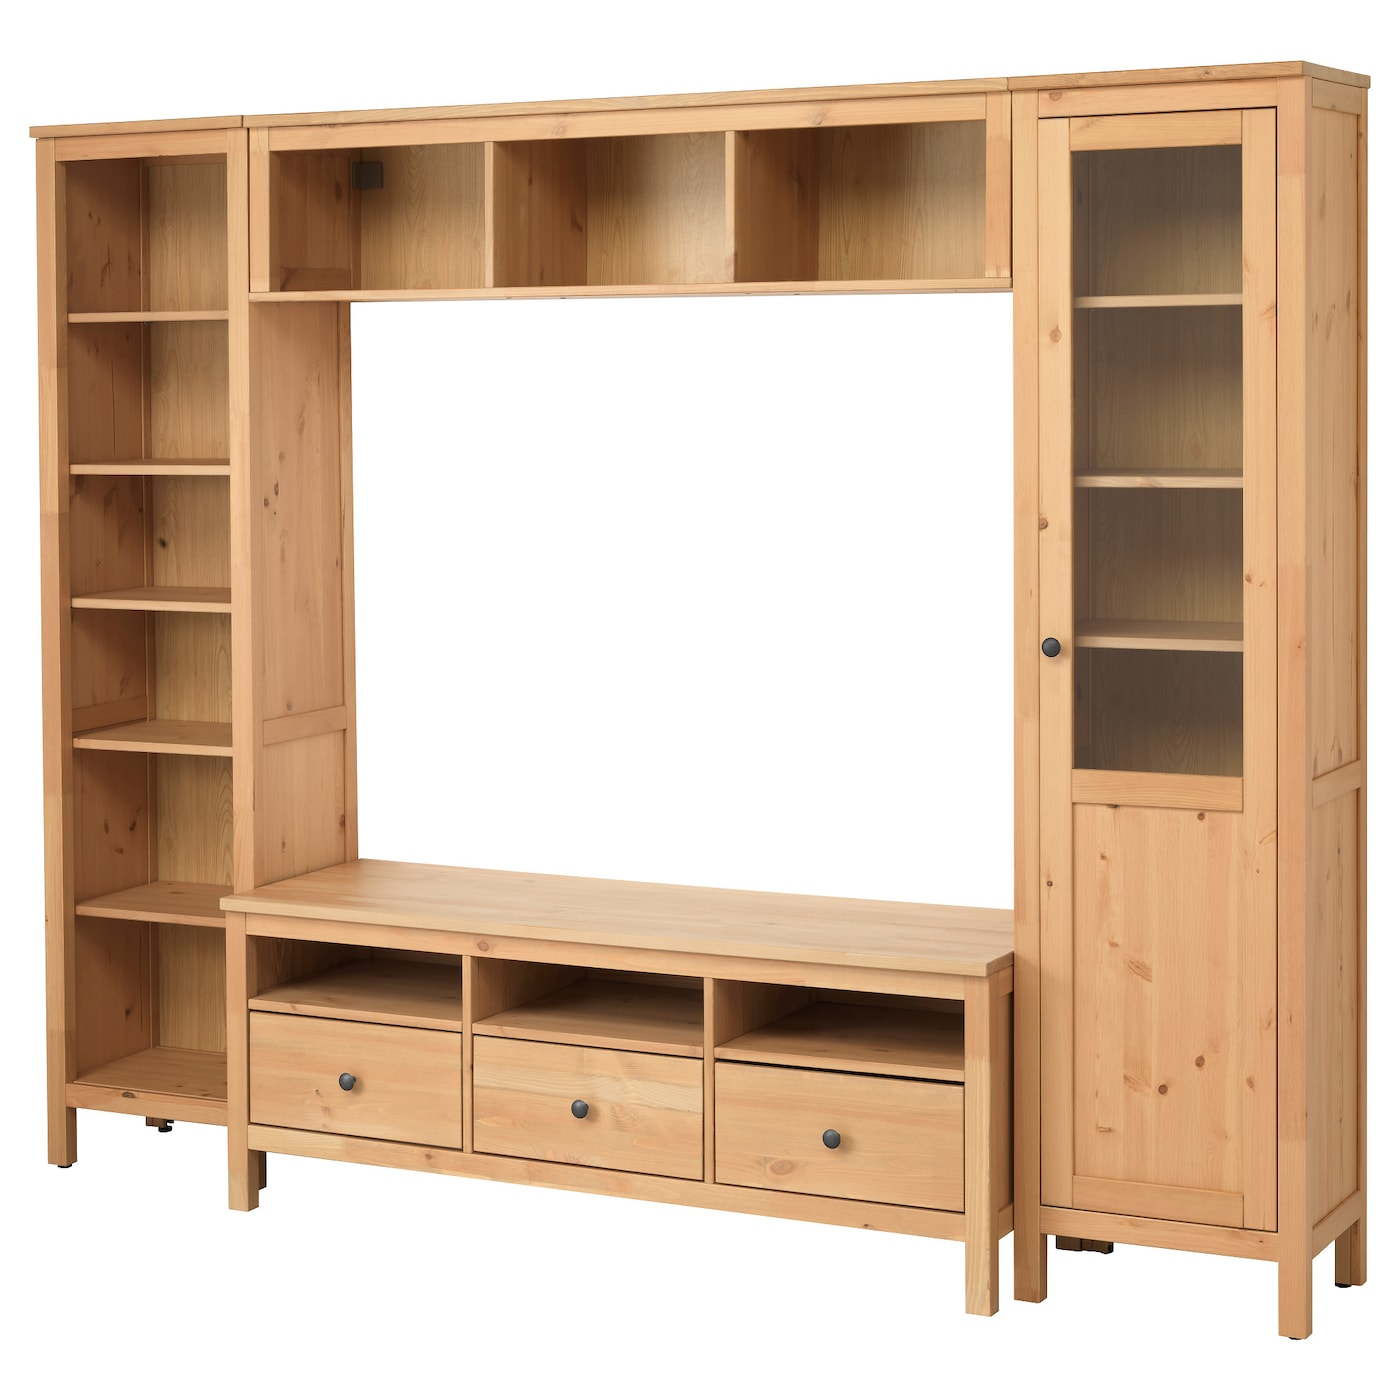 Muebles de TV y Muebles para el Salón | Compra Online IKEA - photo#8